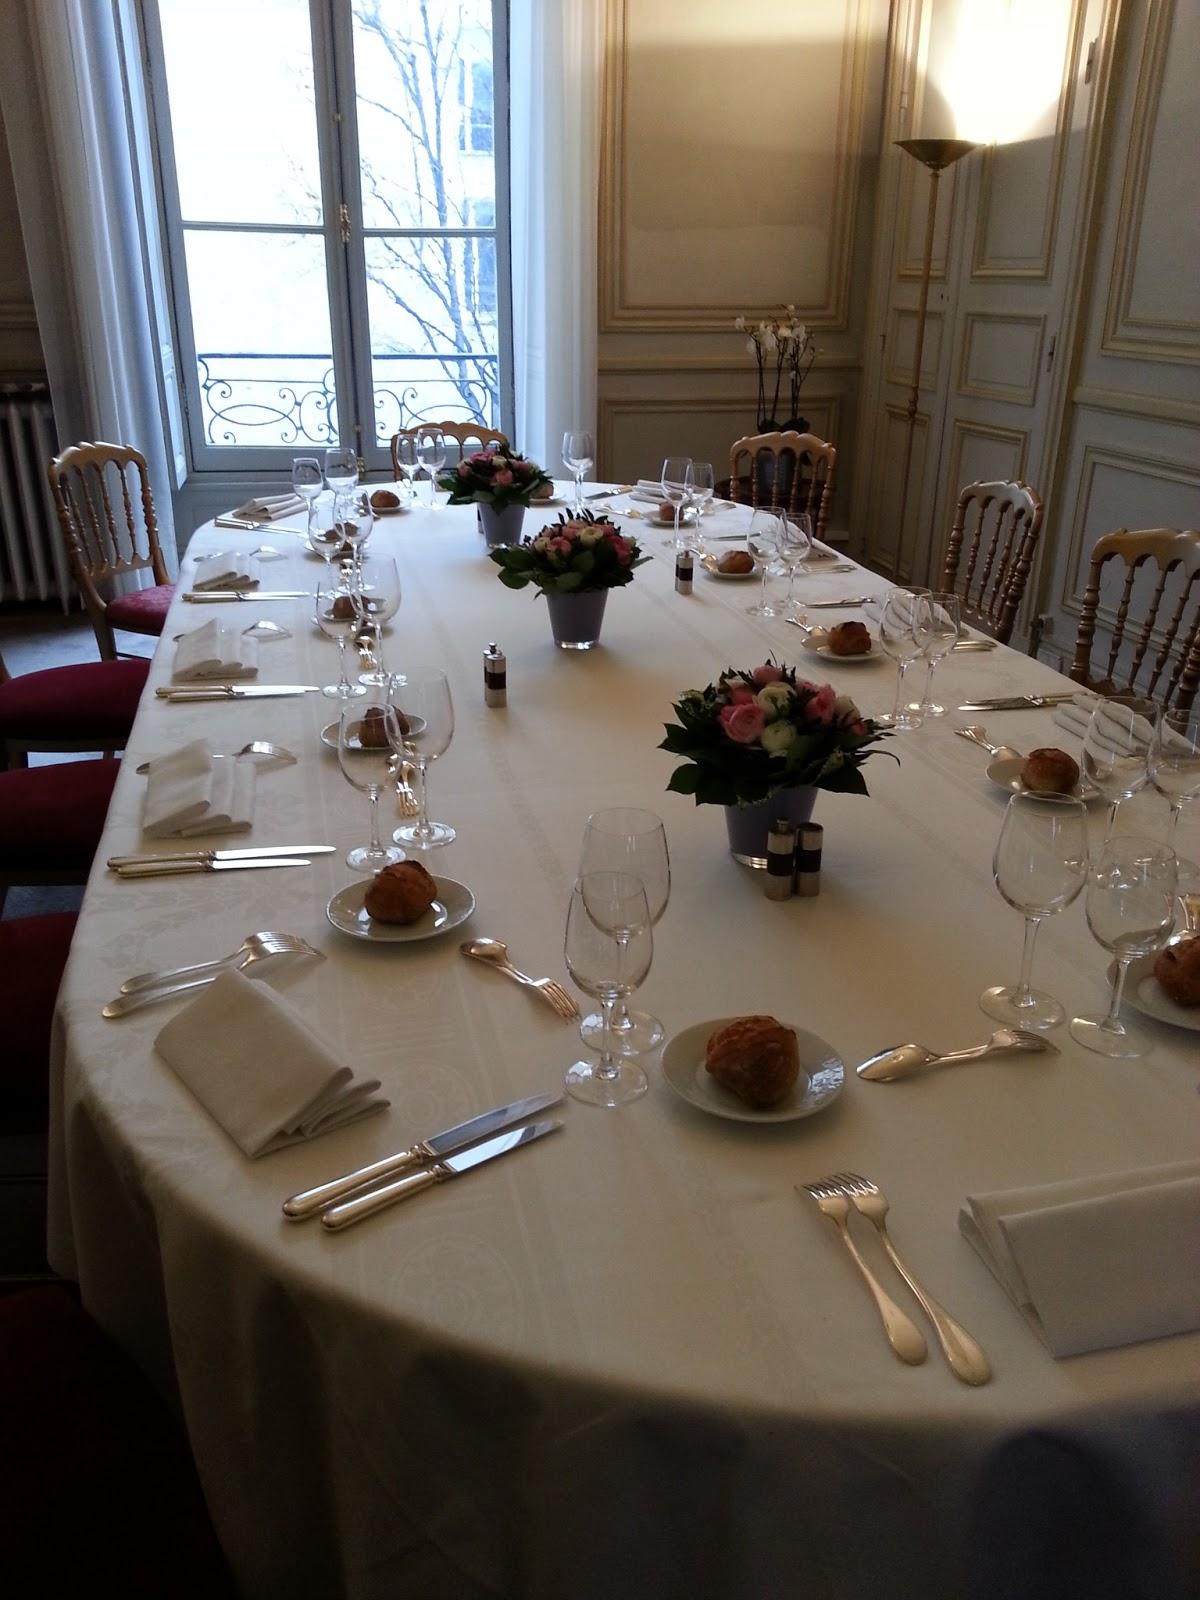 Ces doux moments j 39 ai rencontr najat vallaud belkacem - Laisserons nous a notre table paroles ...